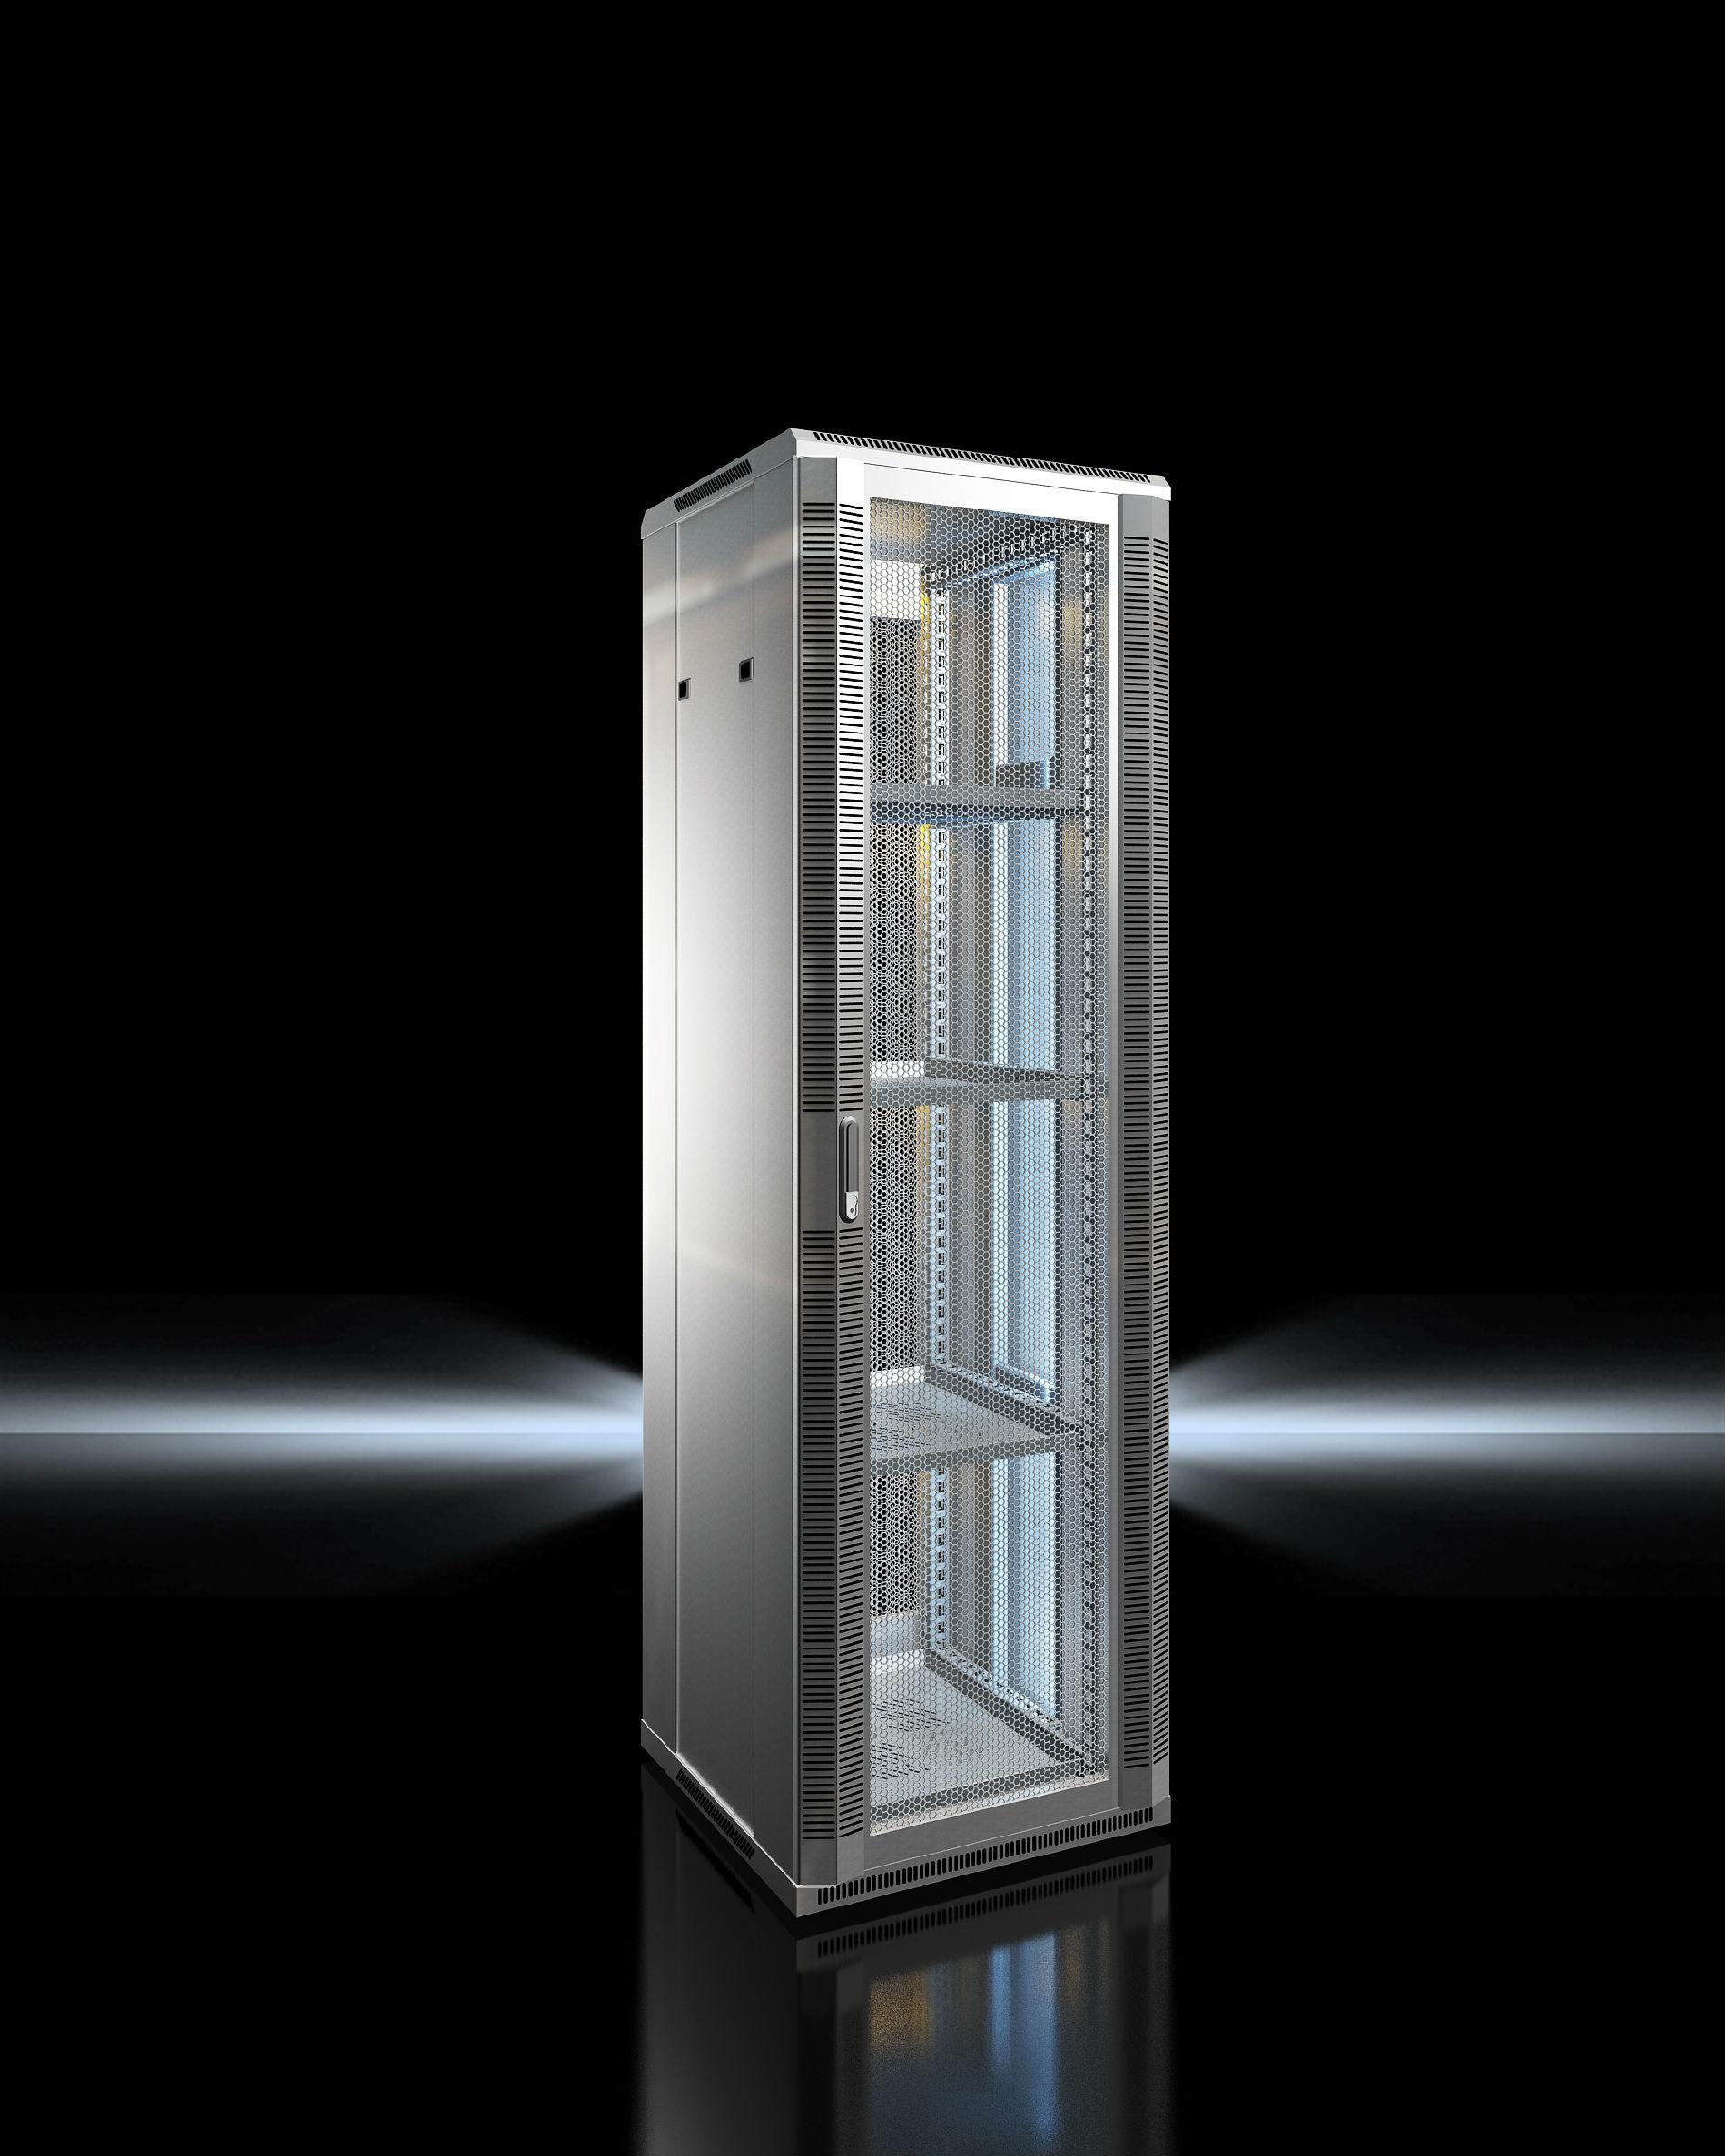 络机柜列头柜配电柜操作台电视墙模块化数据中心PDU电源